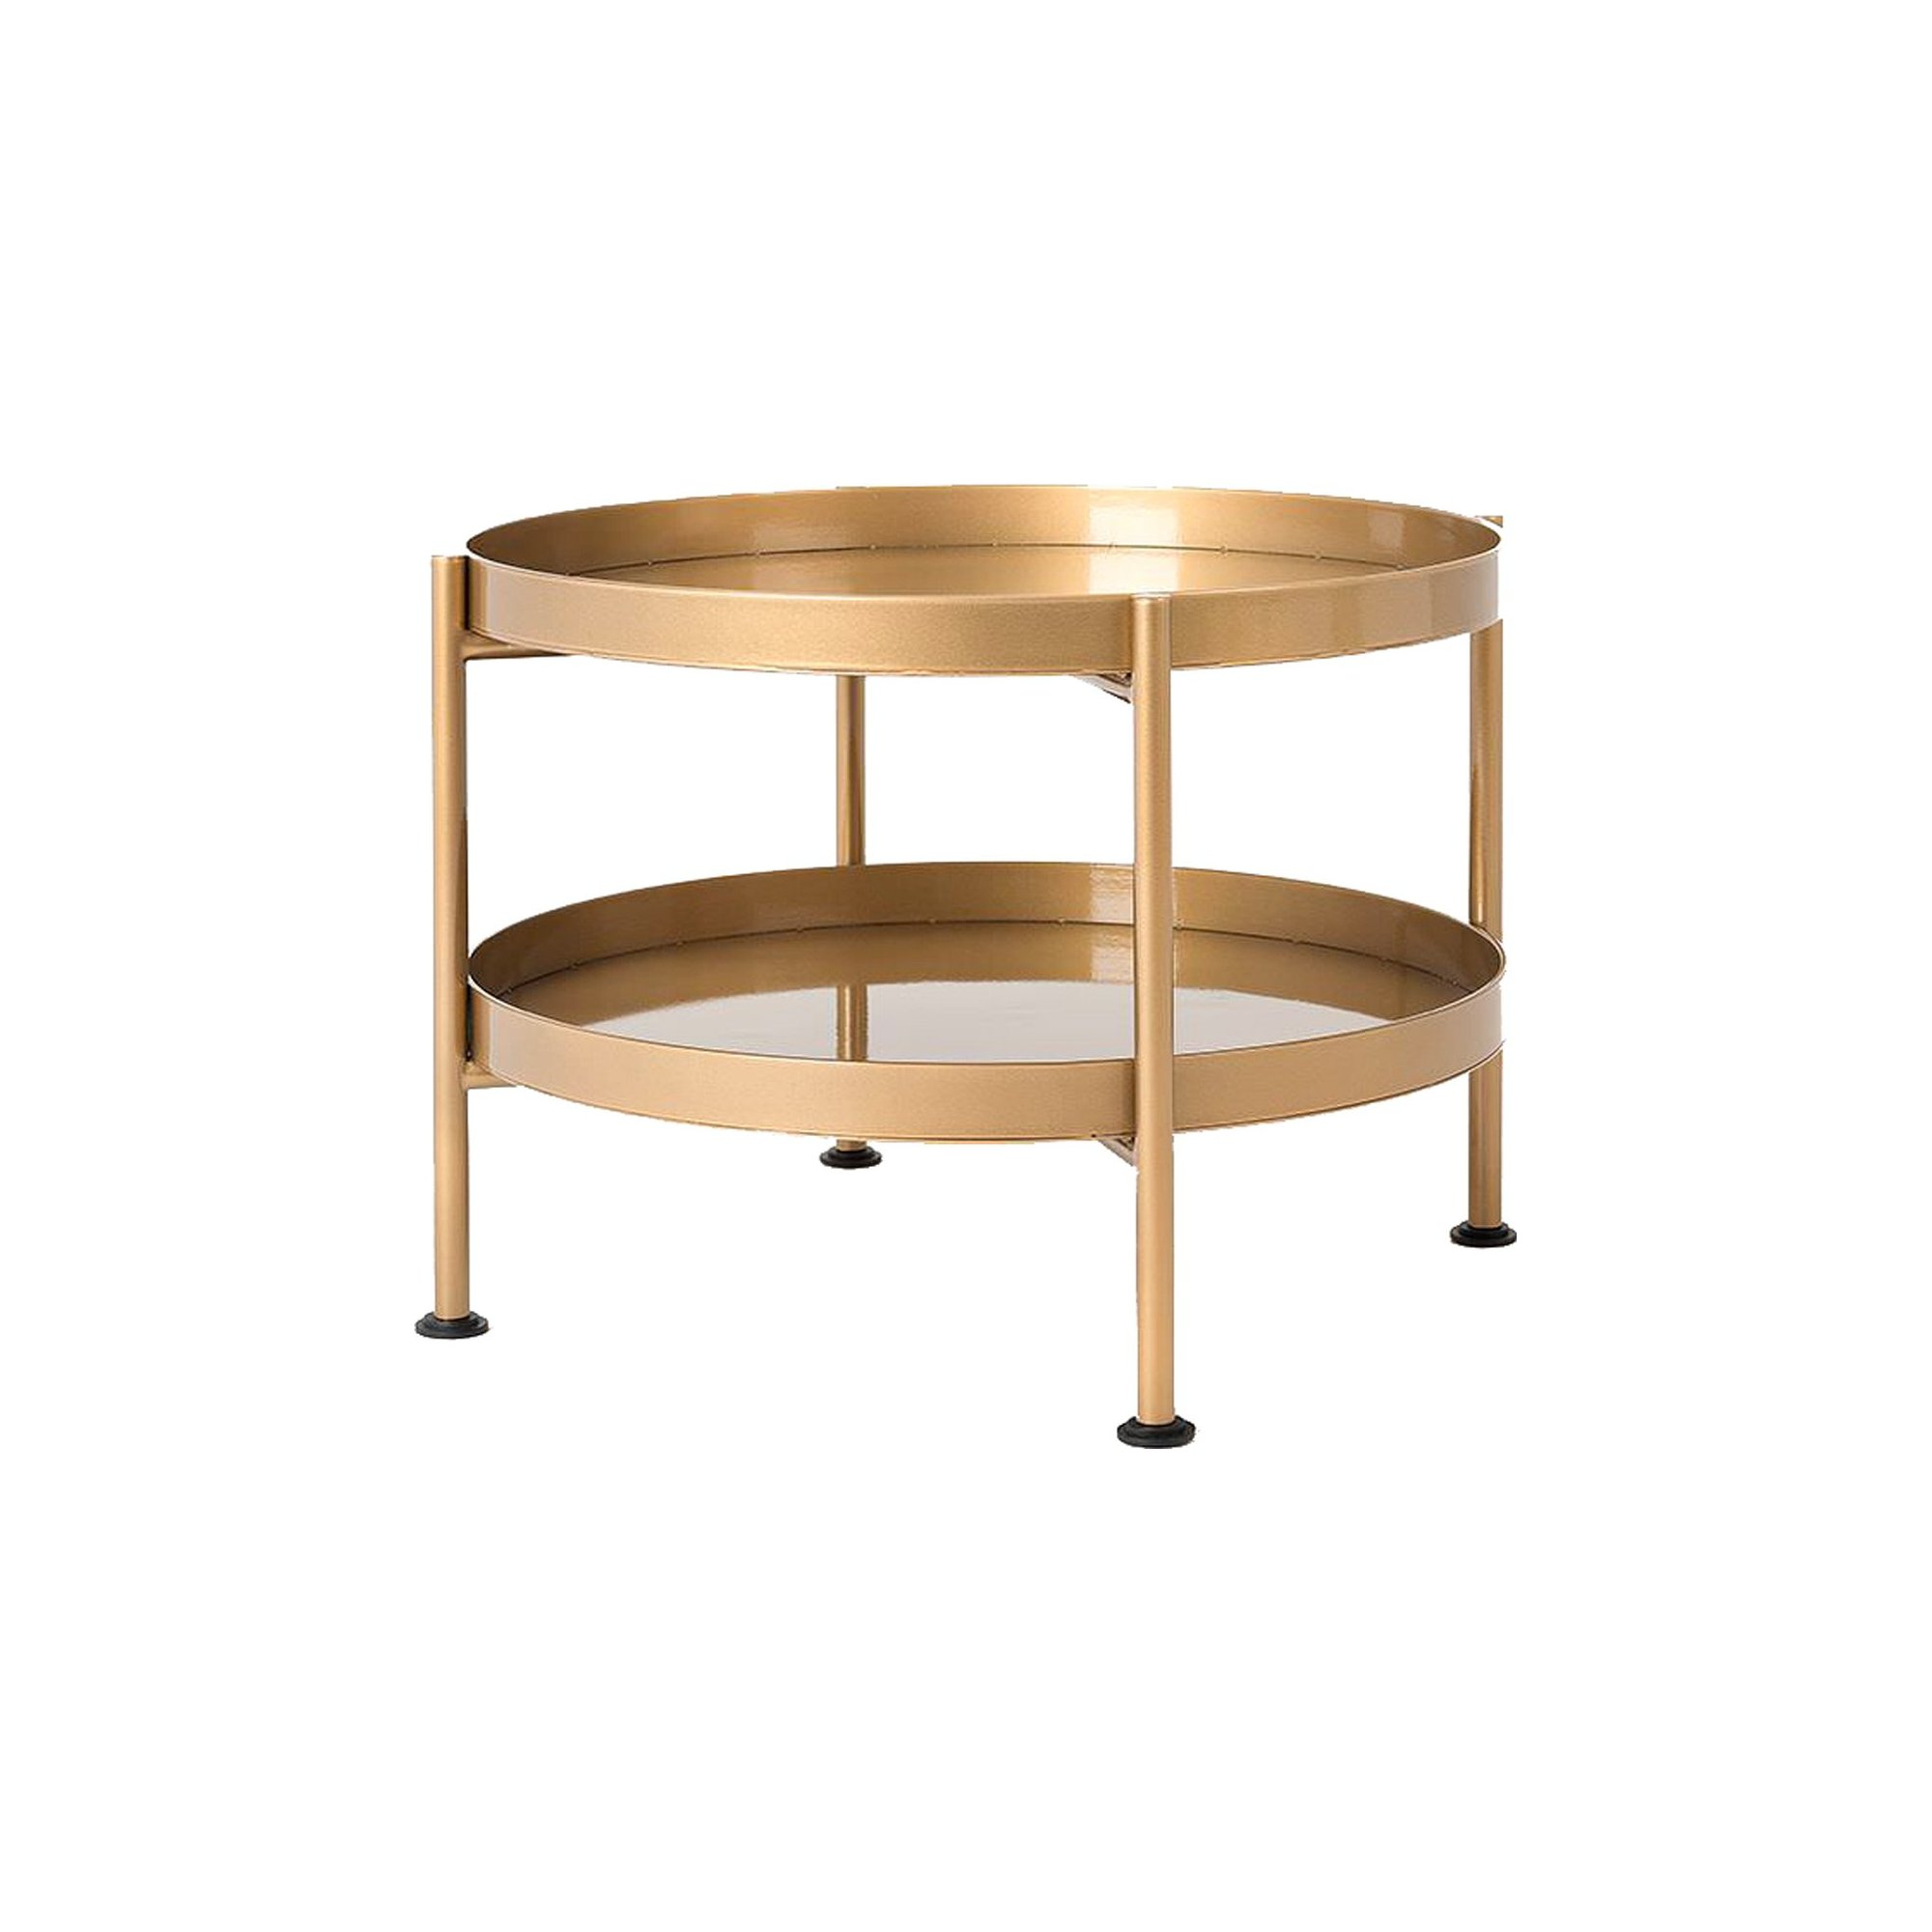 Table basse design en métal doré d60cm